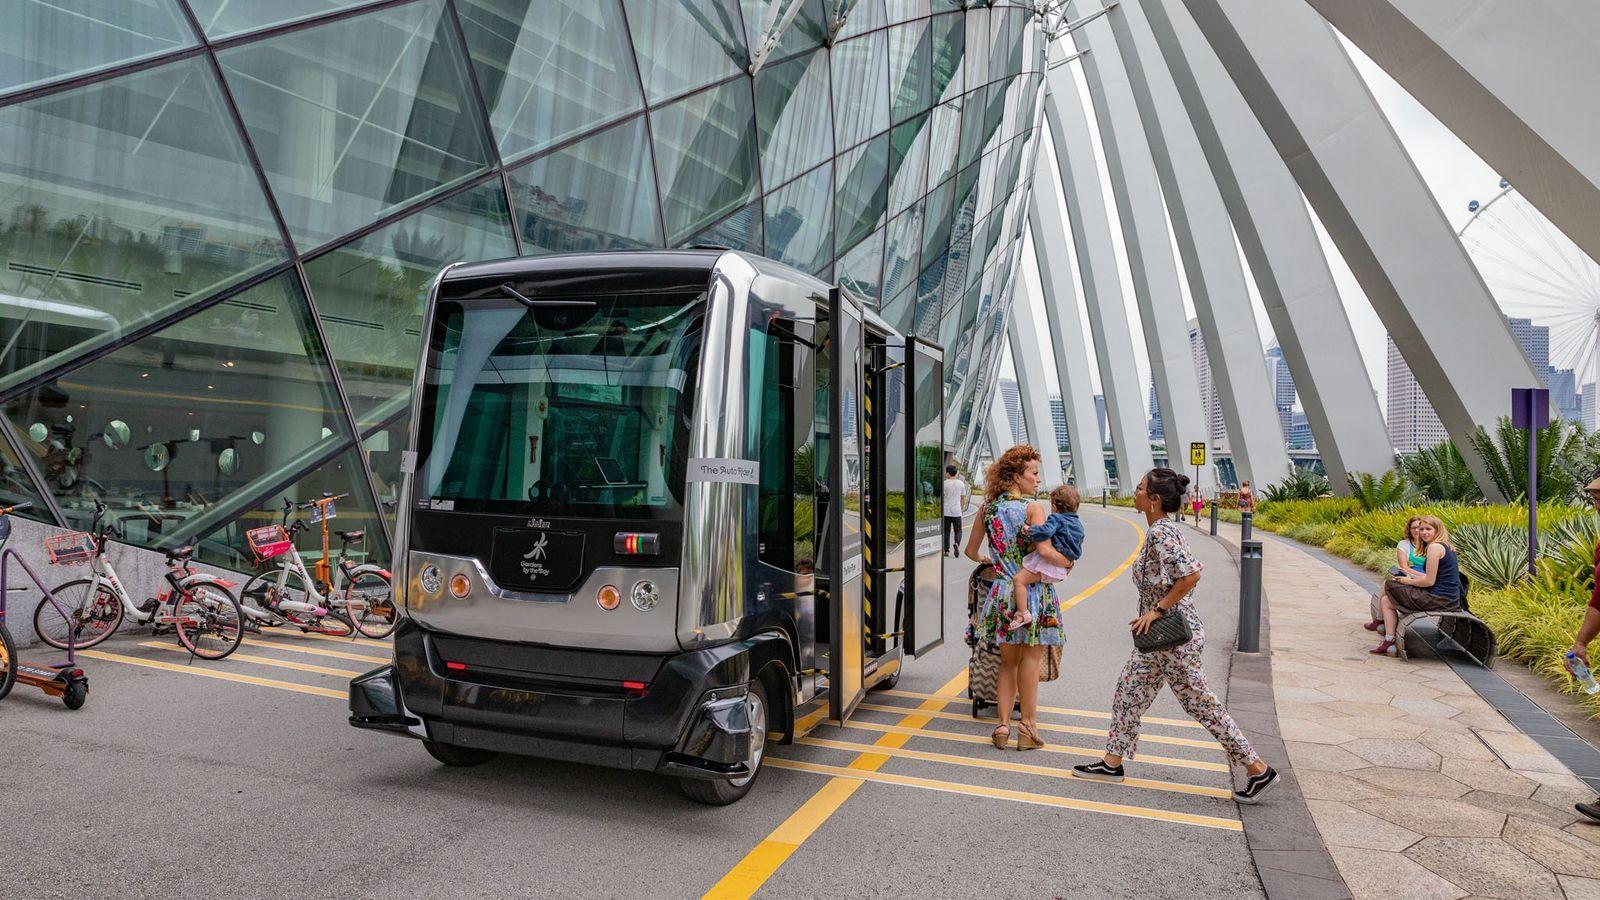 Comment nous déplacerons-nous dans les villes du futur ? Une possibilité prometteuse : le minibus sans ...